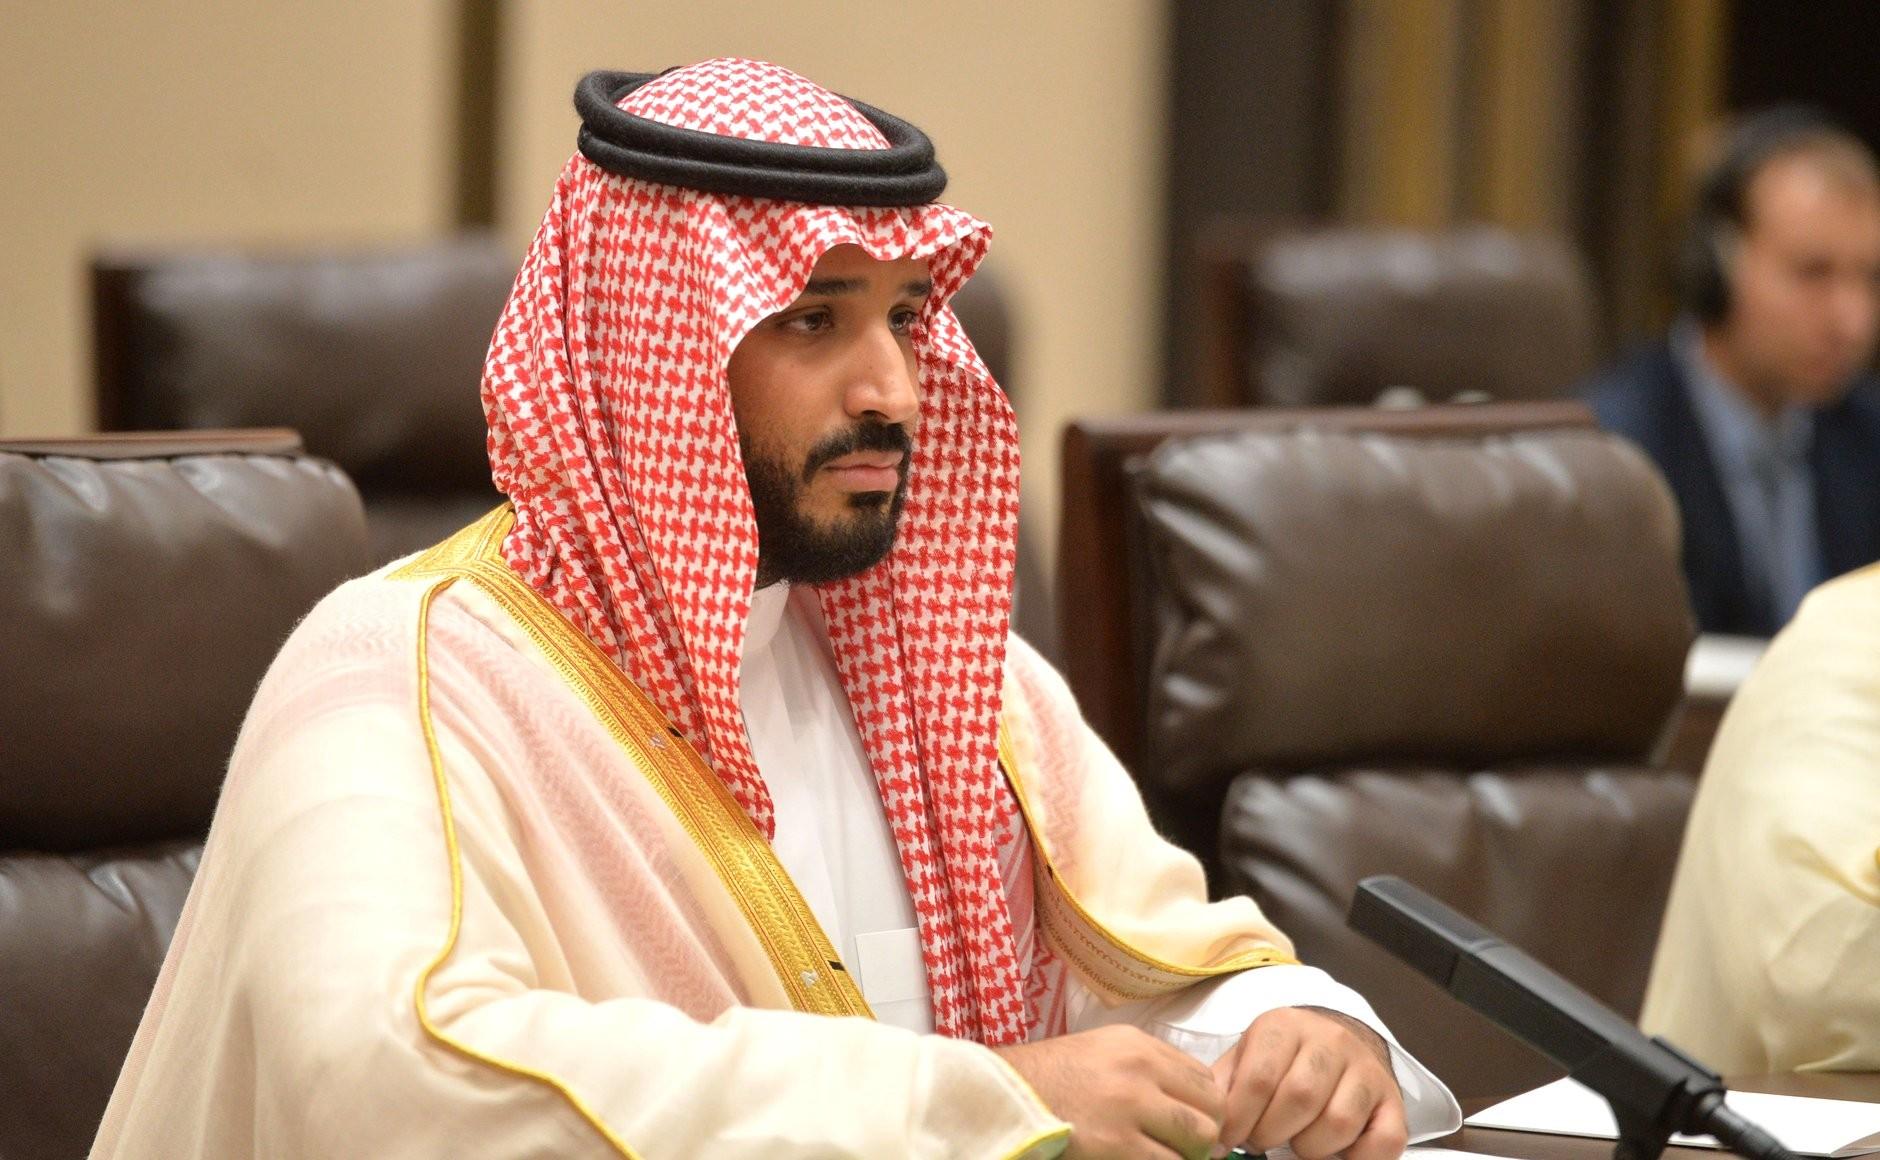 Las dificultades de Arabia Saudita: El coronavirus, la economía y la geopolítica – Por Dr. James M. Dorsey (BESA)